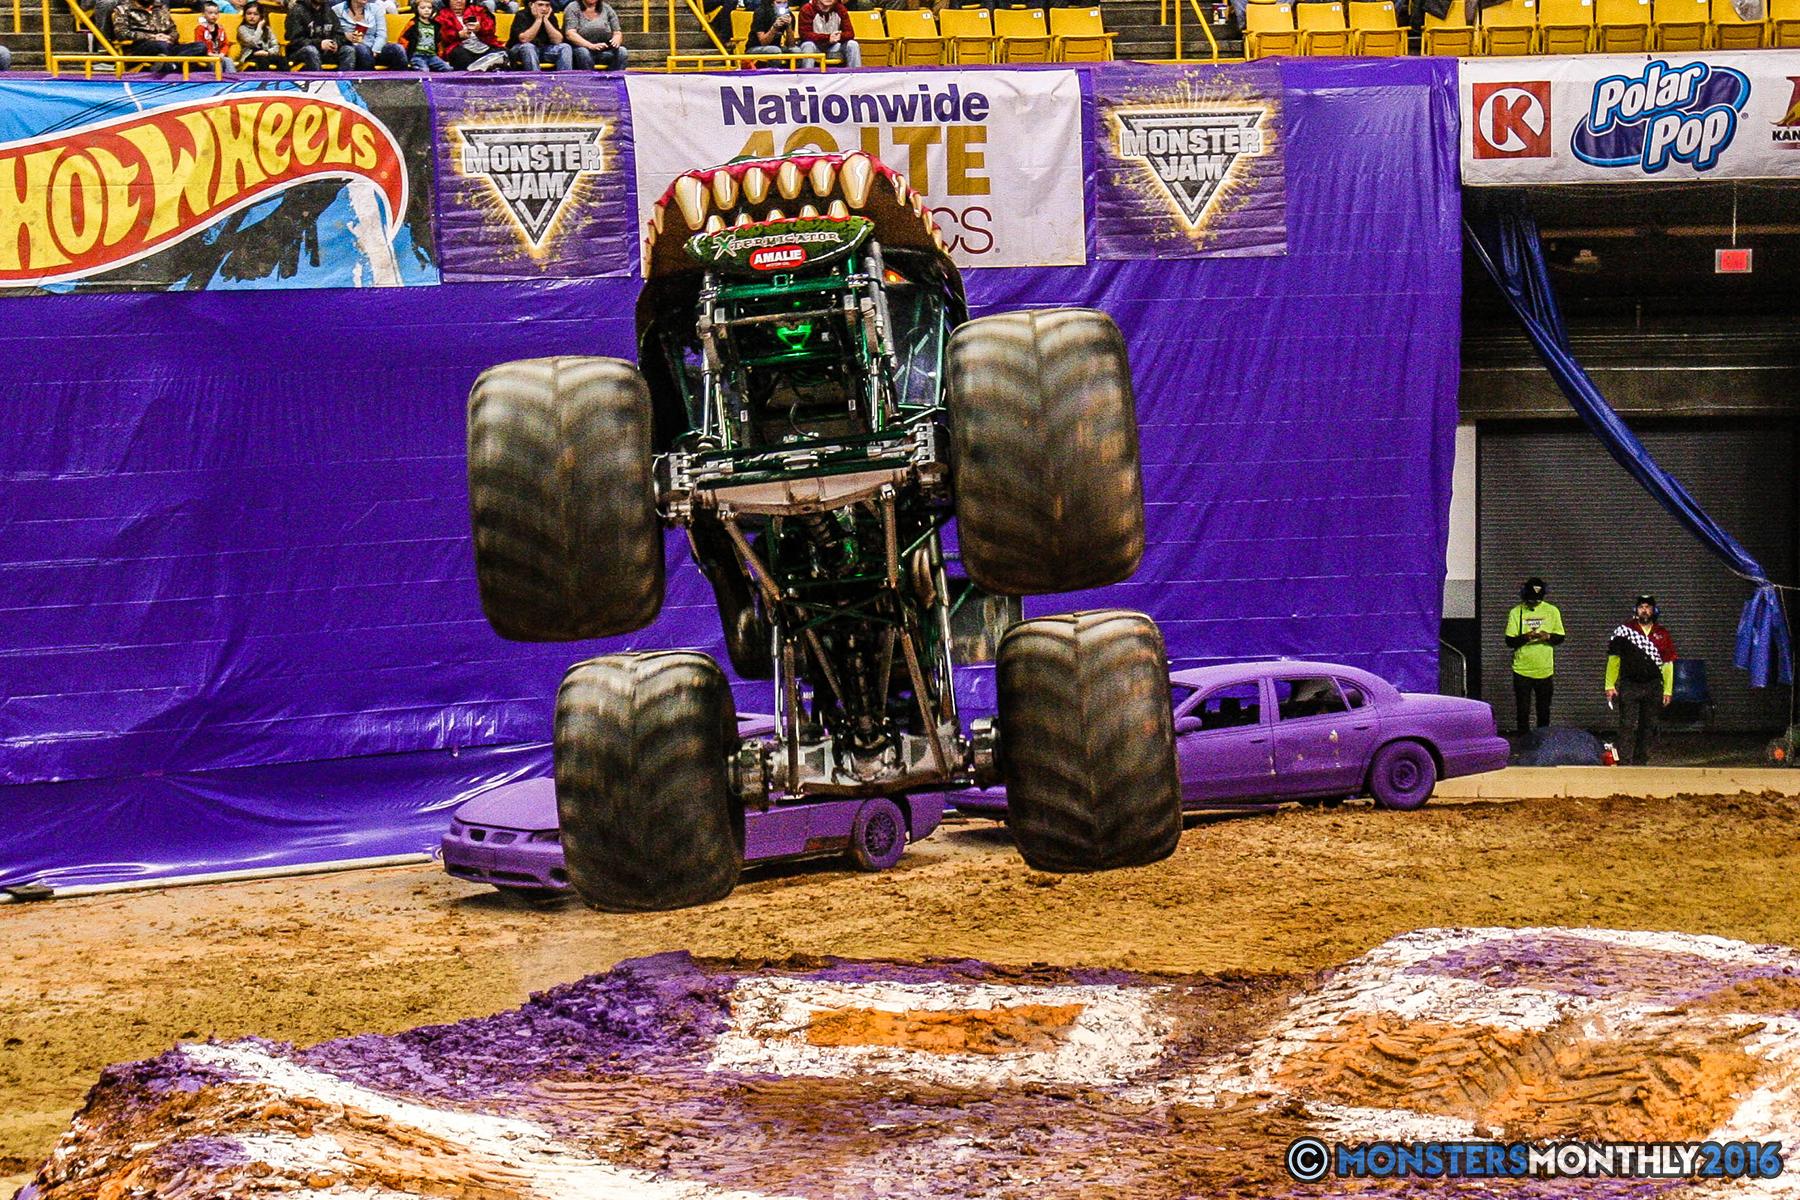 20-monster-jam-utc-mckenzie-arena-chattanooga-tennessee-monstersmonthly-monster-truck-race-gravedigger-monstermutt-xtermigator-razin-kane-doomsday-captainscurse-2016.jpg